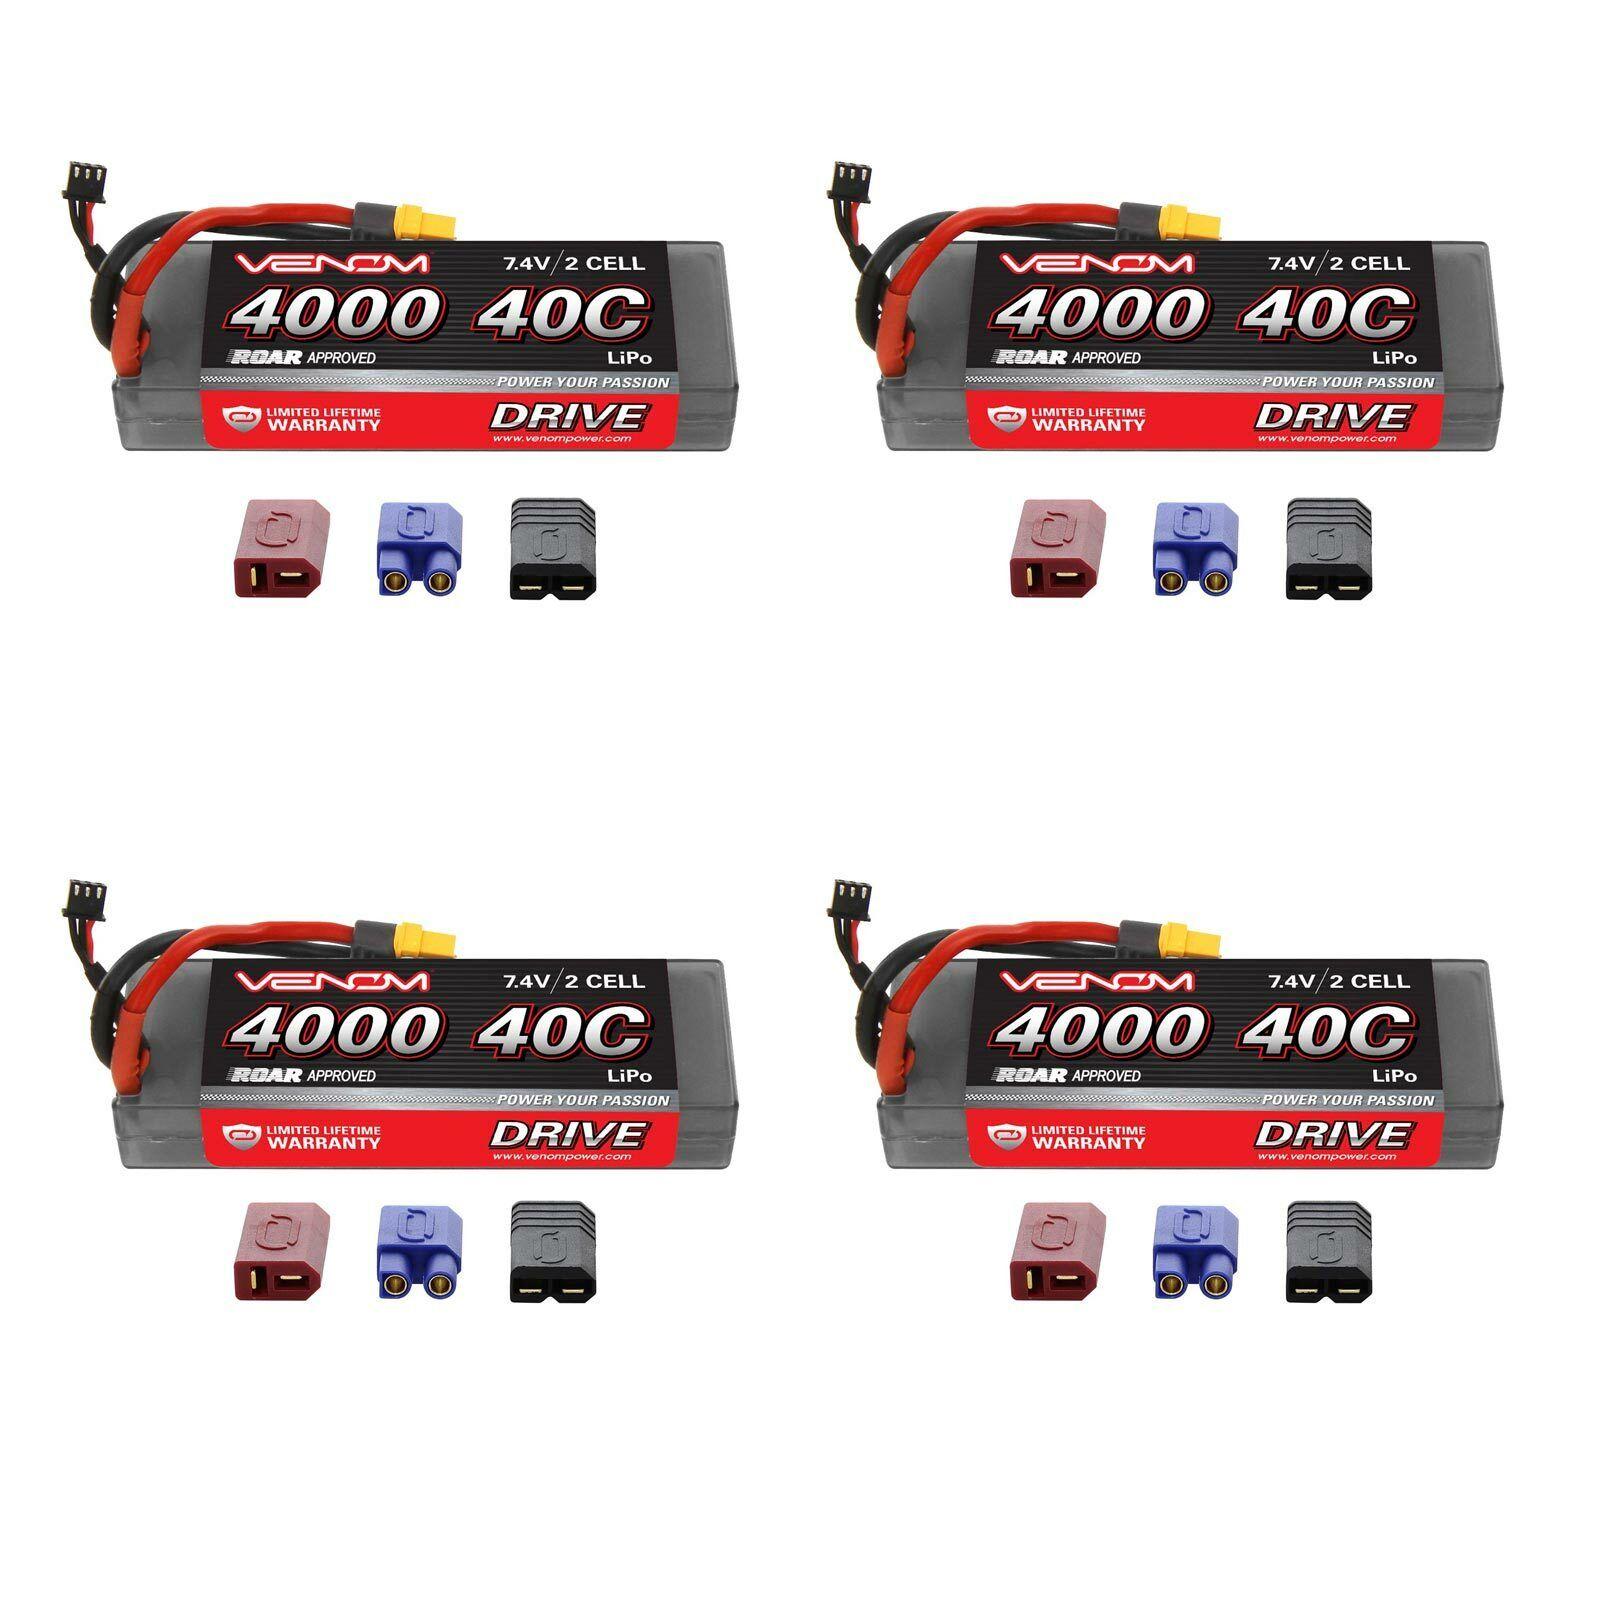 Venom Sport potencia 40C 2S 4000mAh 7.4V Batería Lipo rugido con paquetes de Enchufe x4 Uni